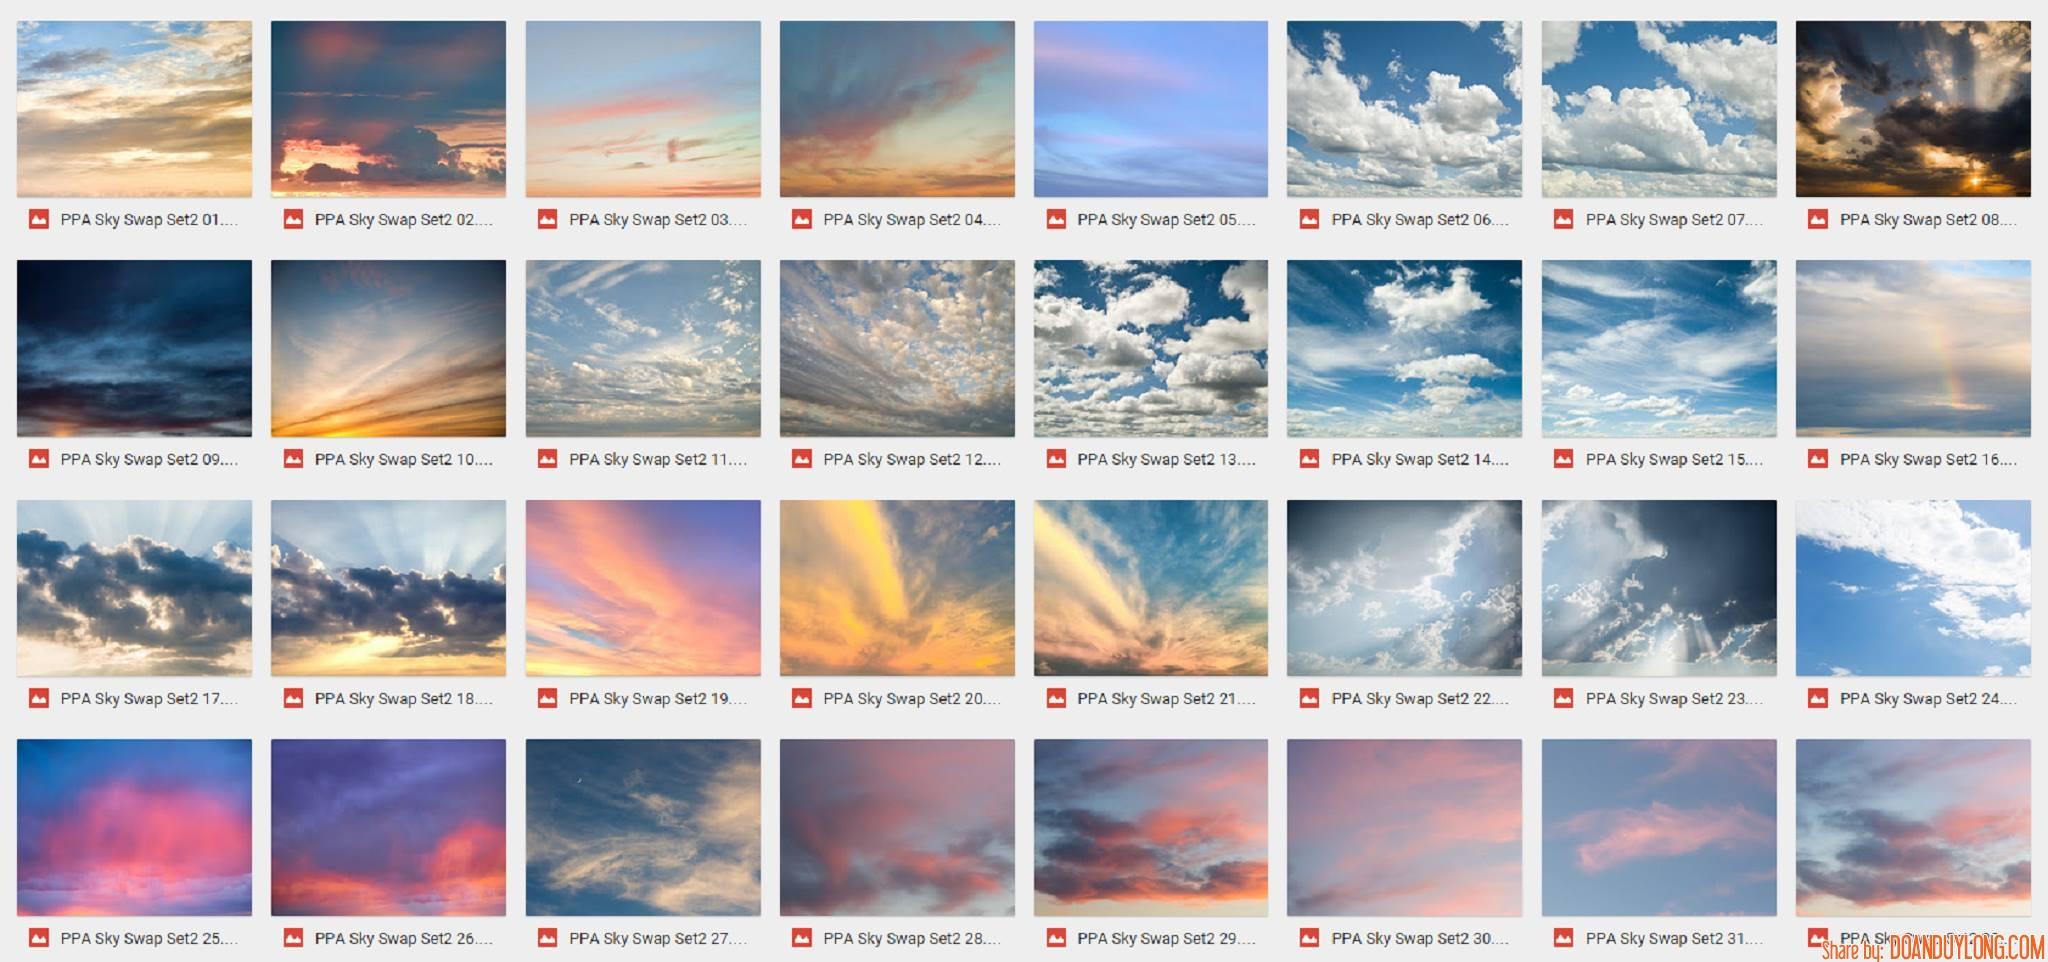 Chia sẻ 6 GB Background Mây Trời